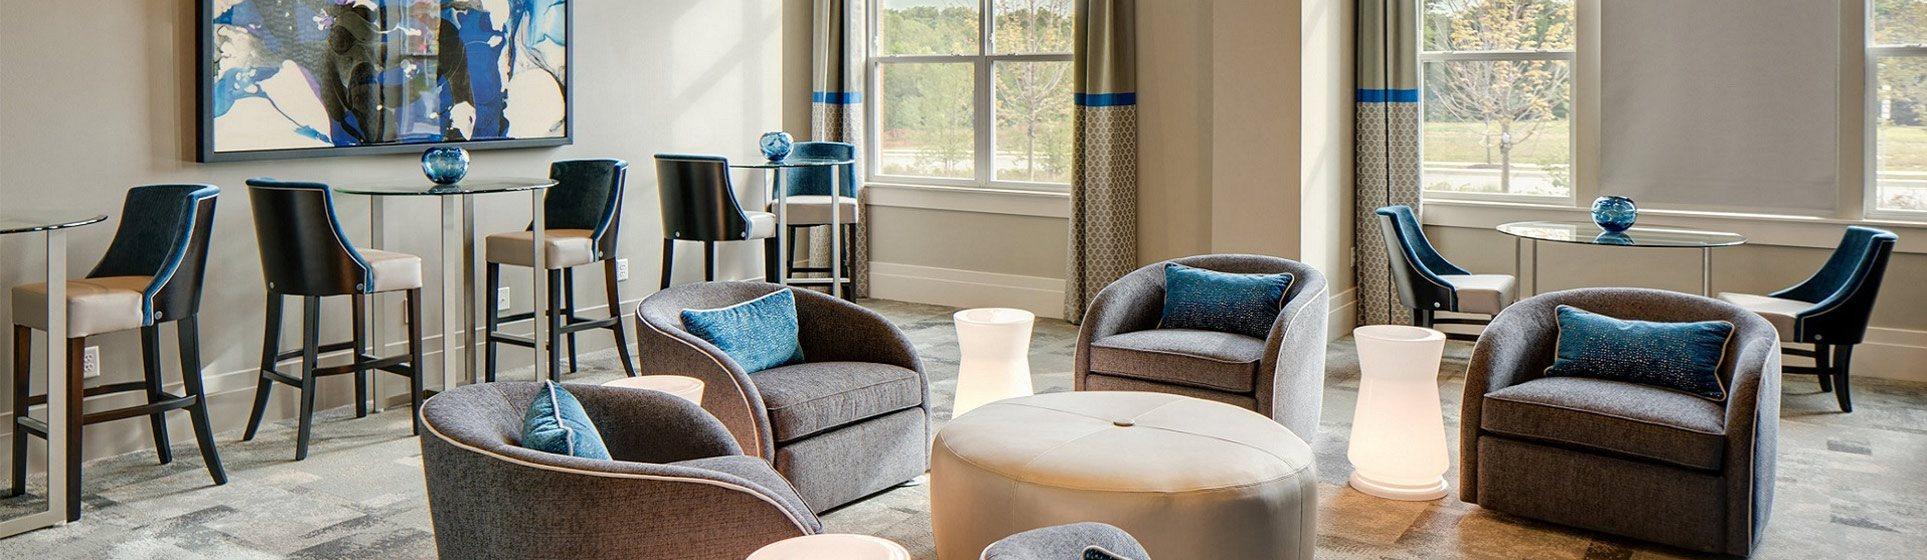 Facilities at Downtown Hanover MD apartments and condos